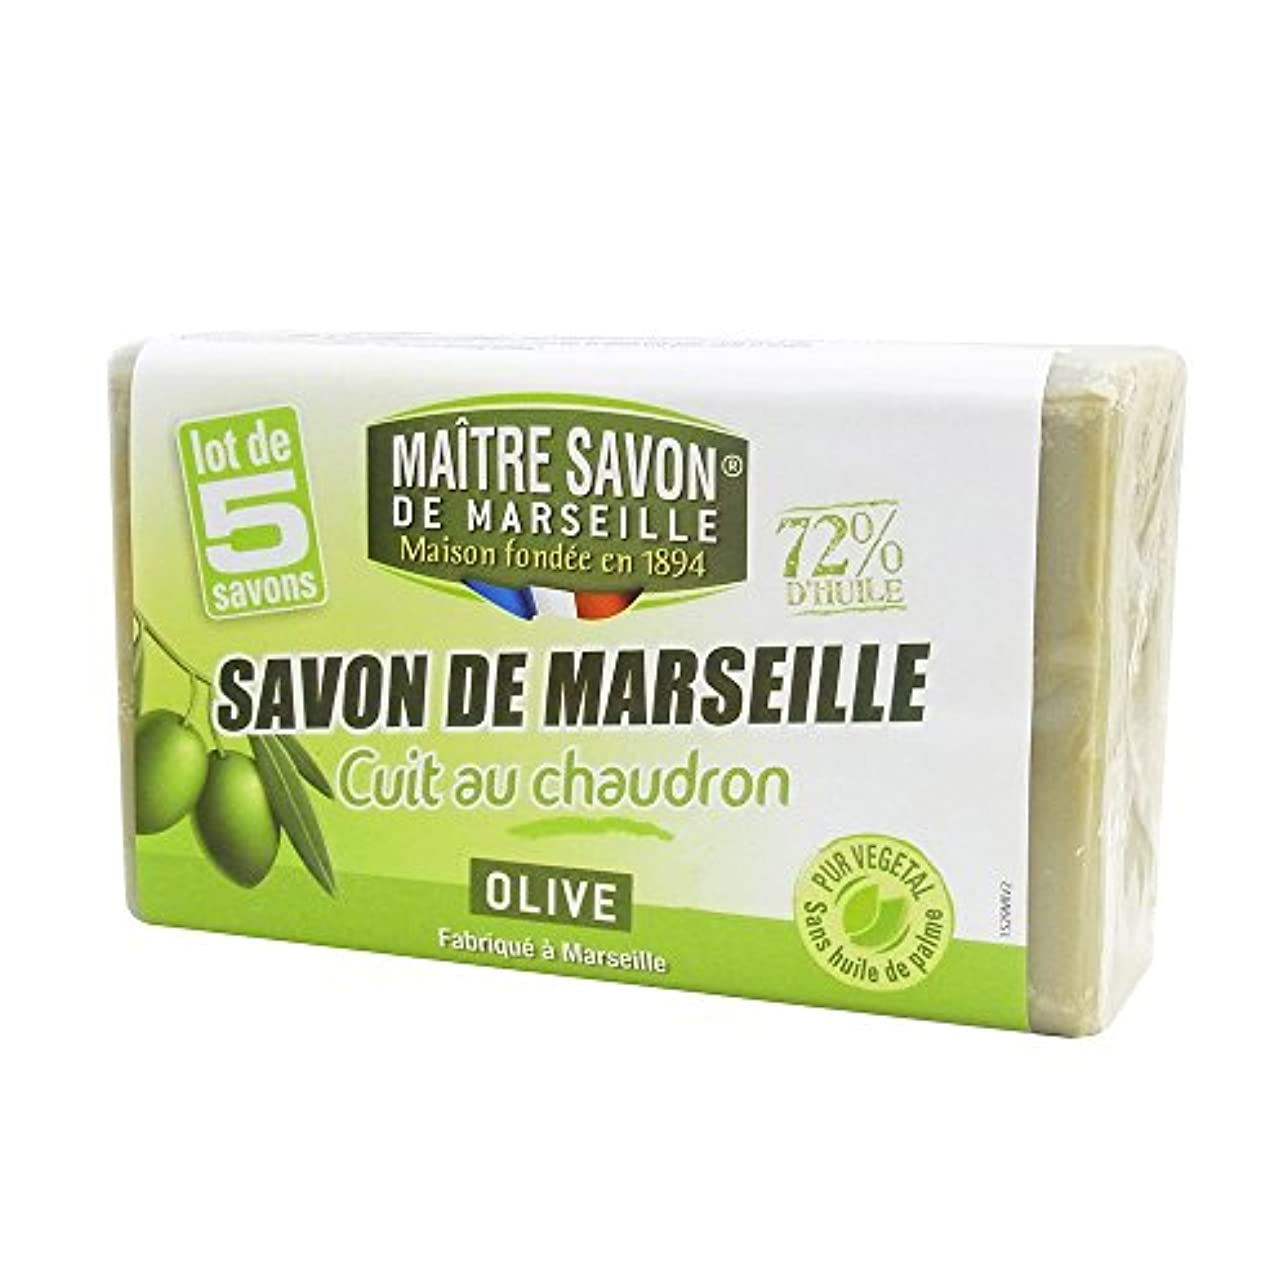 閉じる払い戻し人事Maitre Savon de Marseille(メートル?サボン?ド?マルセイユ) サボン?ド?マルセイユ オリーブ 100g×5個